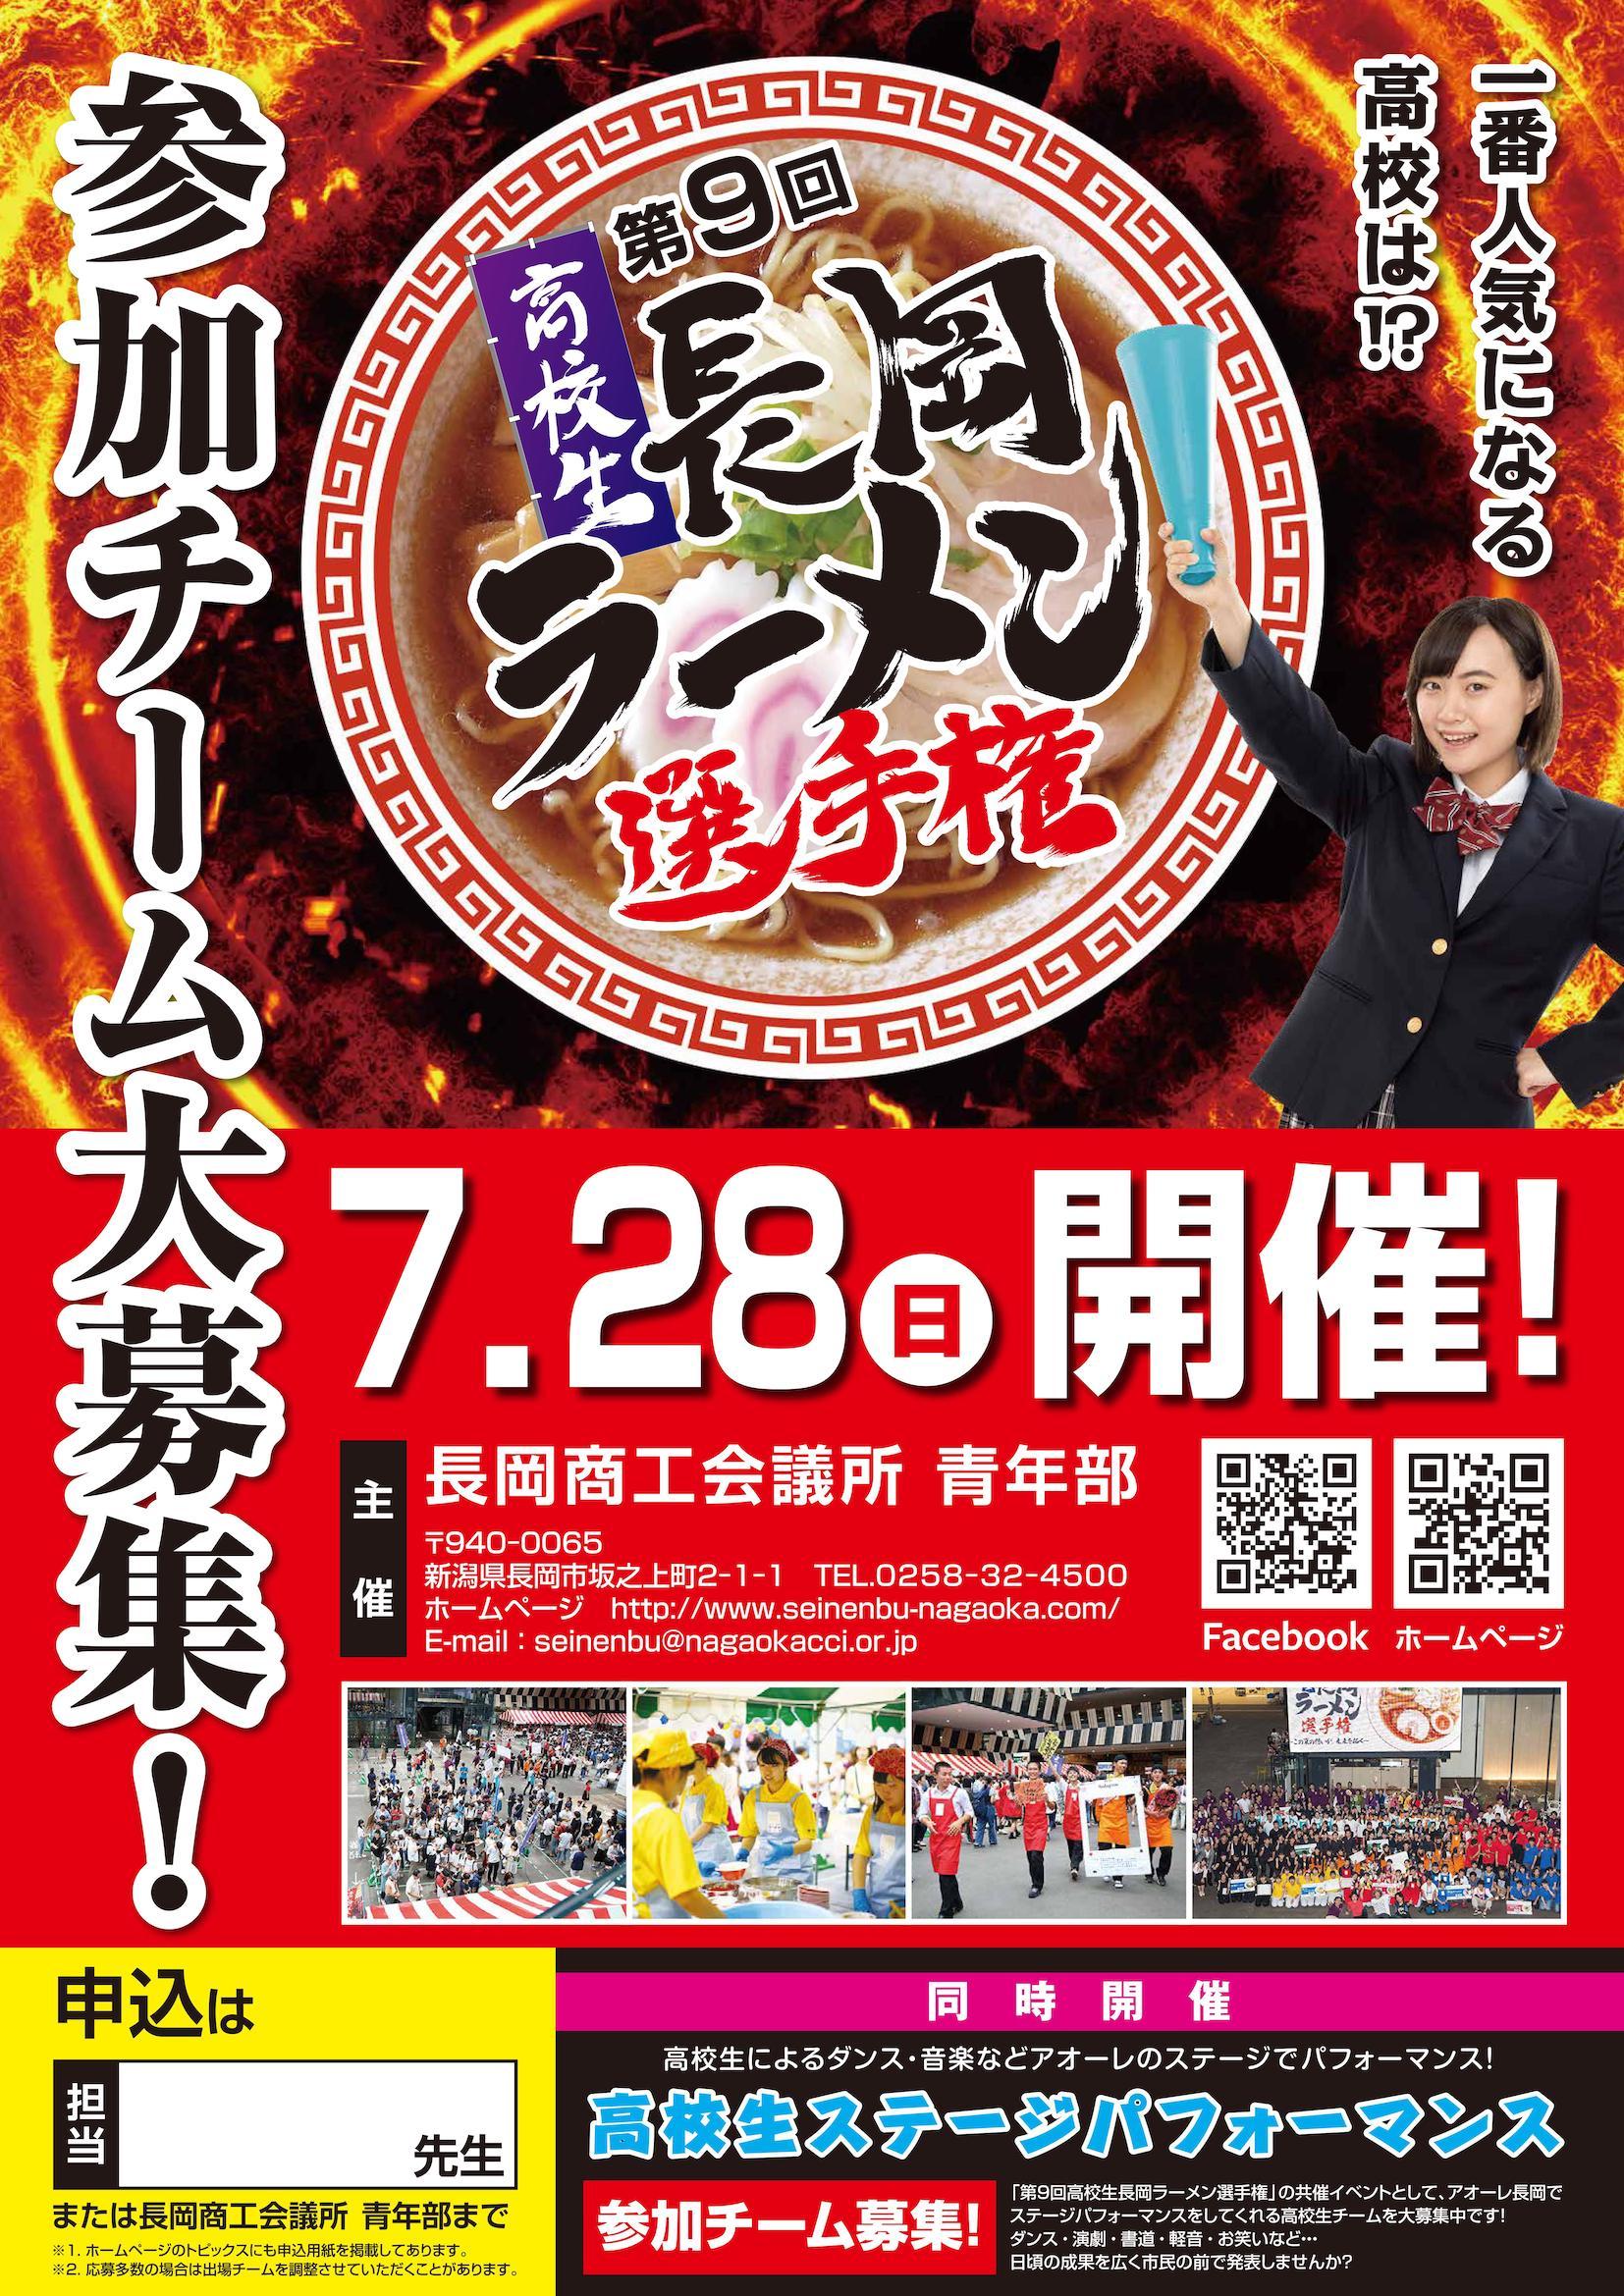 2019年7月28日(日) 「第9回高校生長岡ラーメン選手権」ポスター